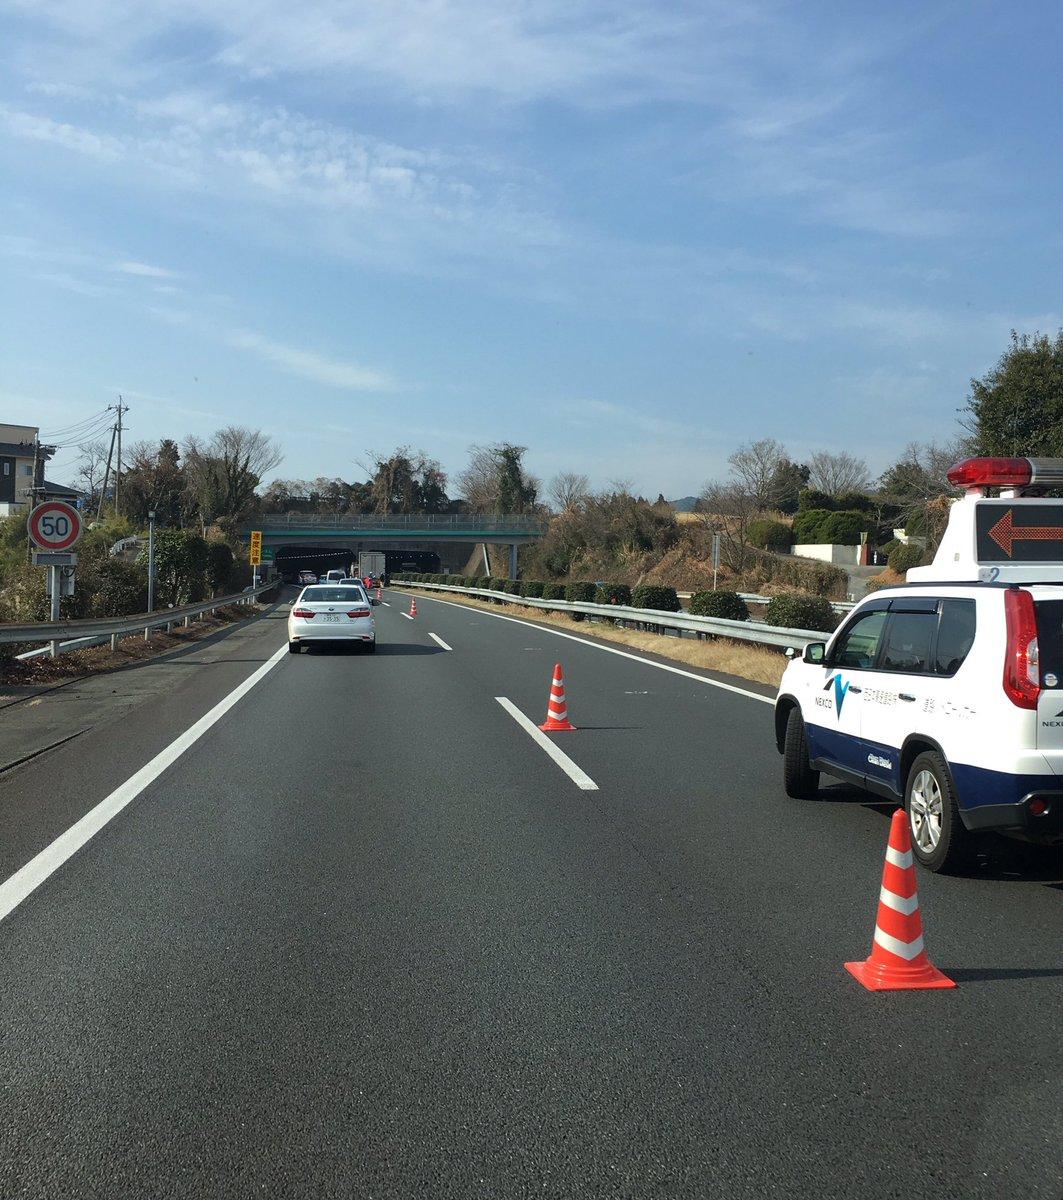 test ツイッターメディア - 九州道下り 城南の塚原トンネル手前事故で追越し車線潰れてます レッカー作業中 https://t.co/YY2mpNKK6I